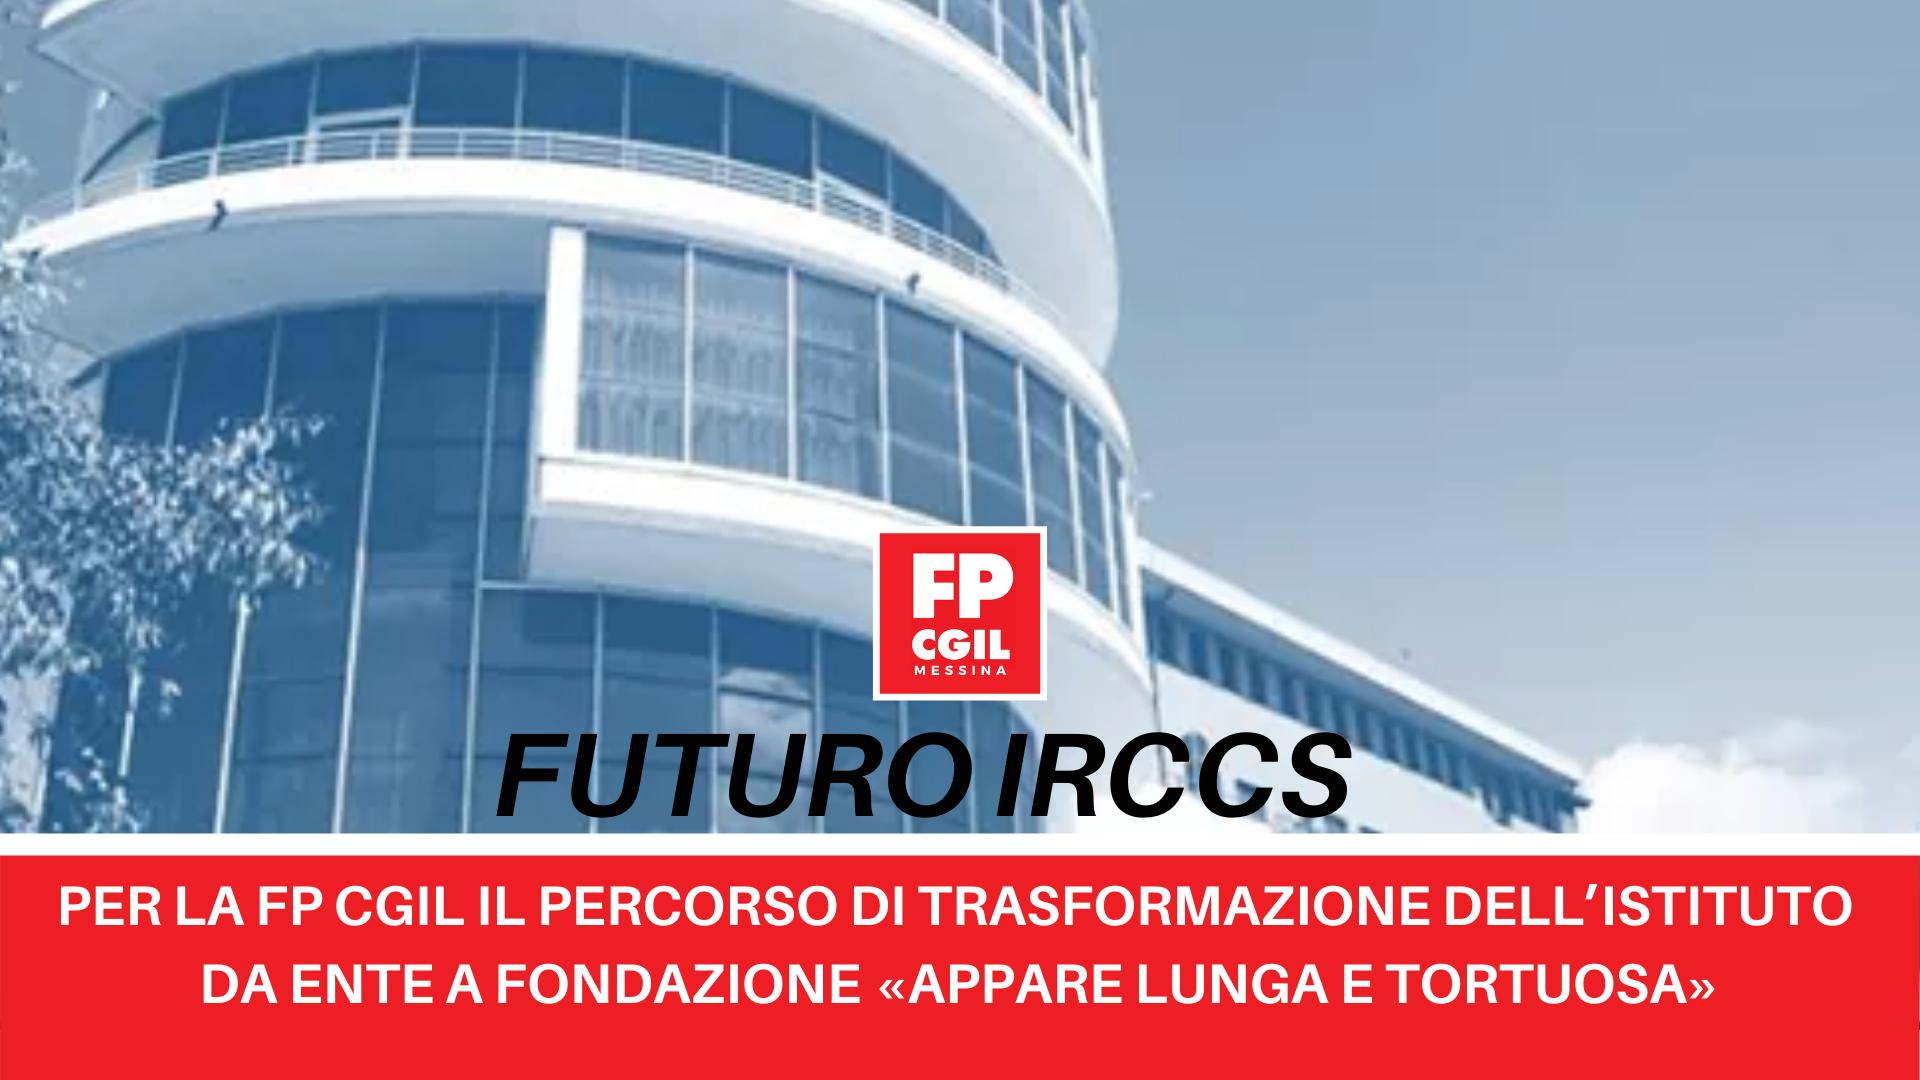 Futuro IRCCS, per la FP CGIL il percorso di trasformazione dell'Istituto da Ente a Fondazione «appare lunga e tortuosa»